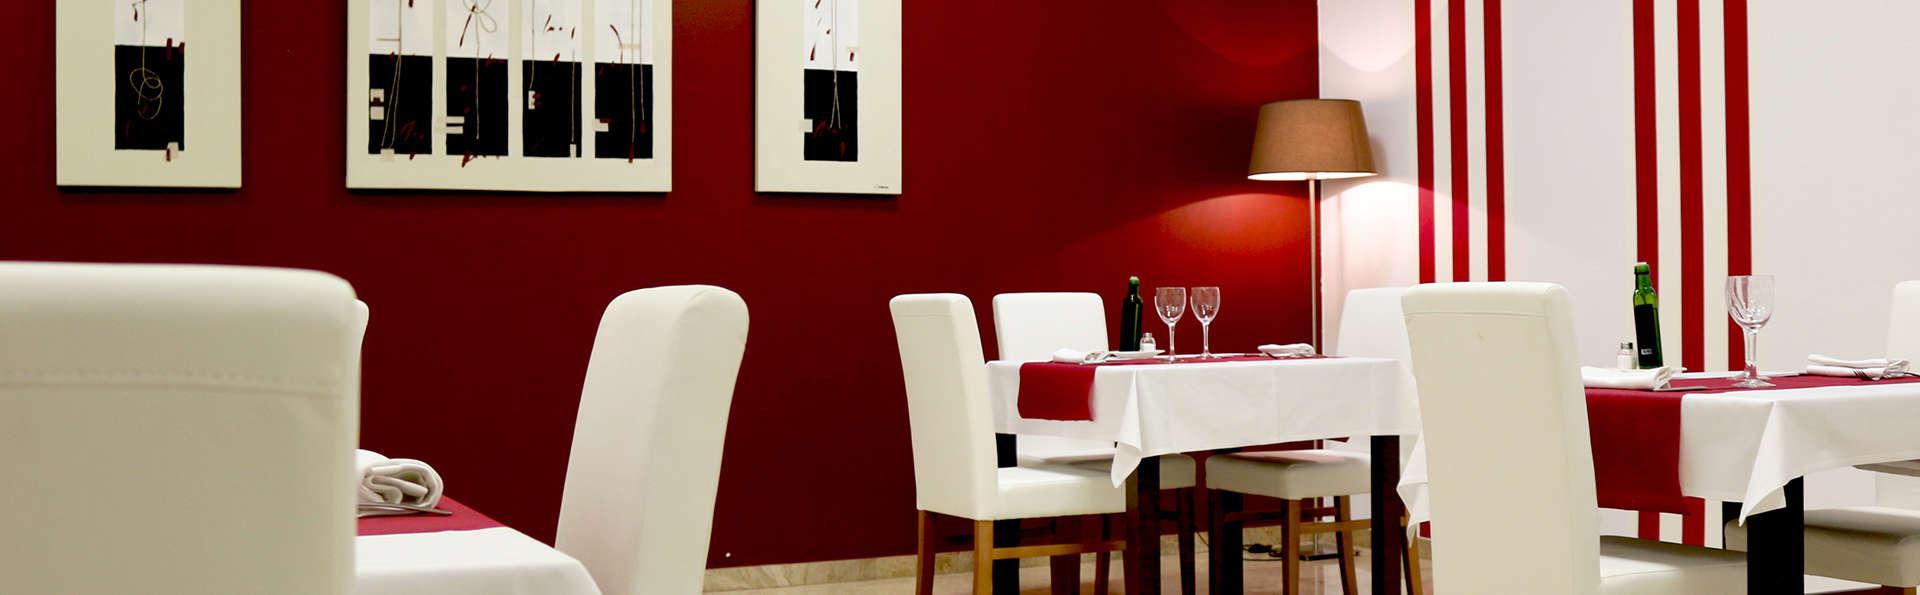 Week-end avec dîner romantique et cava dans la chambre près de Valence